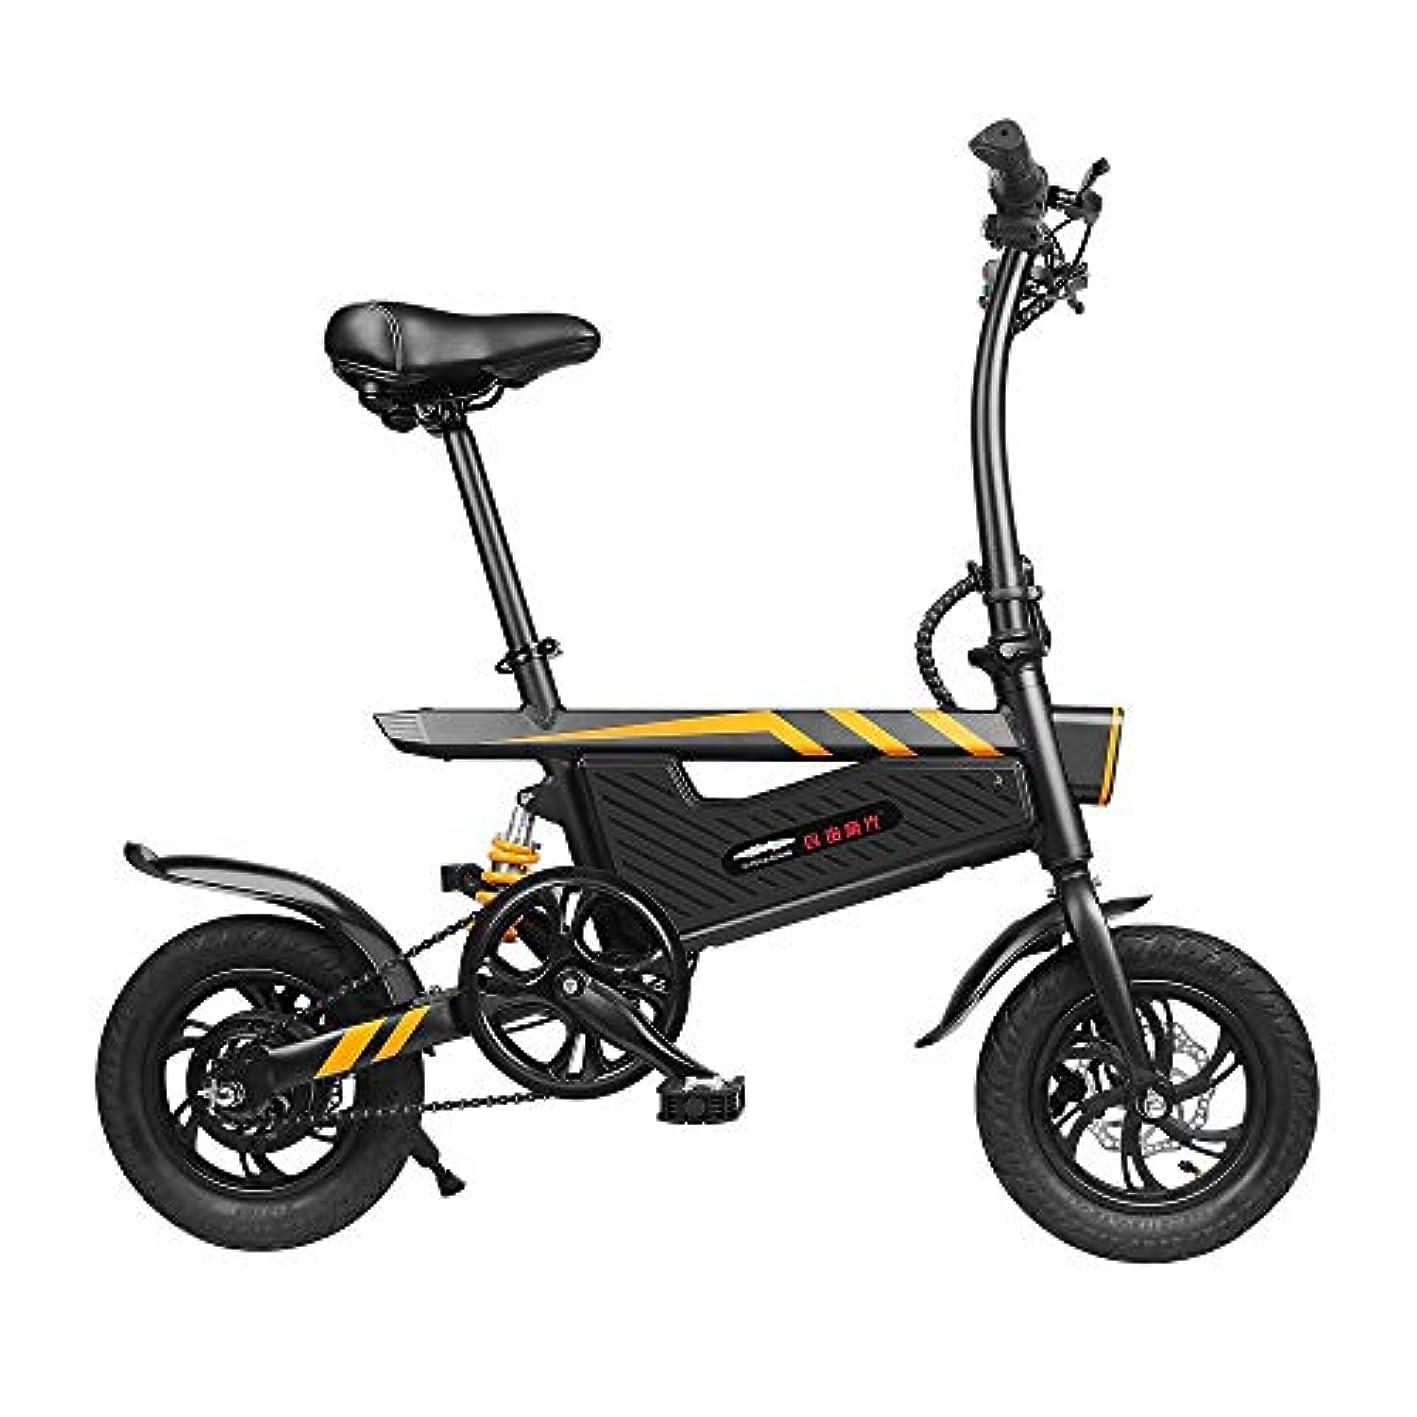 ミリメートル議題愛情深いT18更新バージョン電動自転車アルミ合金250Wモーター36V 25キロ/ hのマックス軽量折り畳み式電動自転車